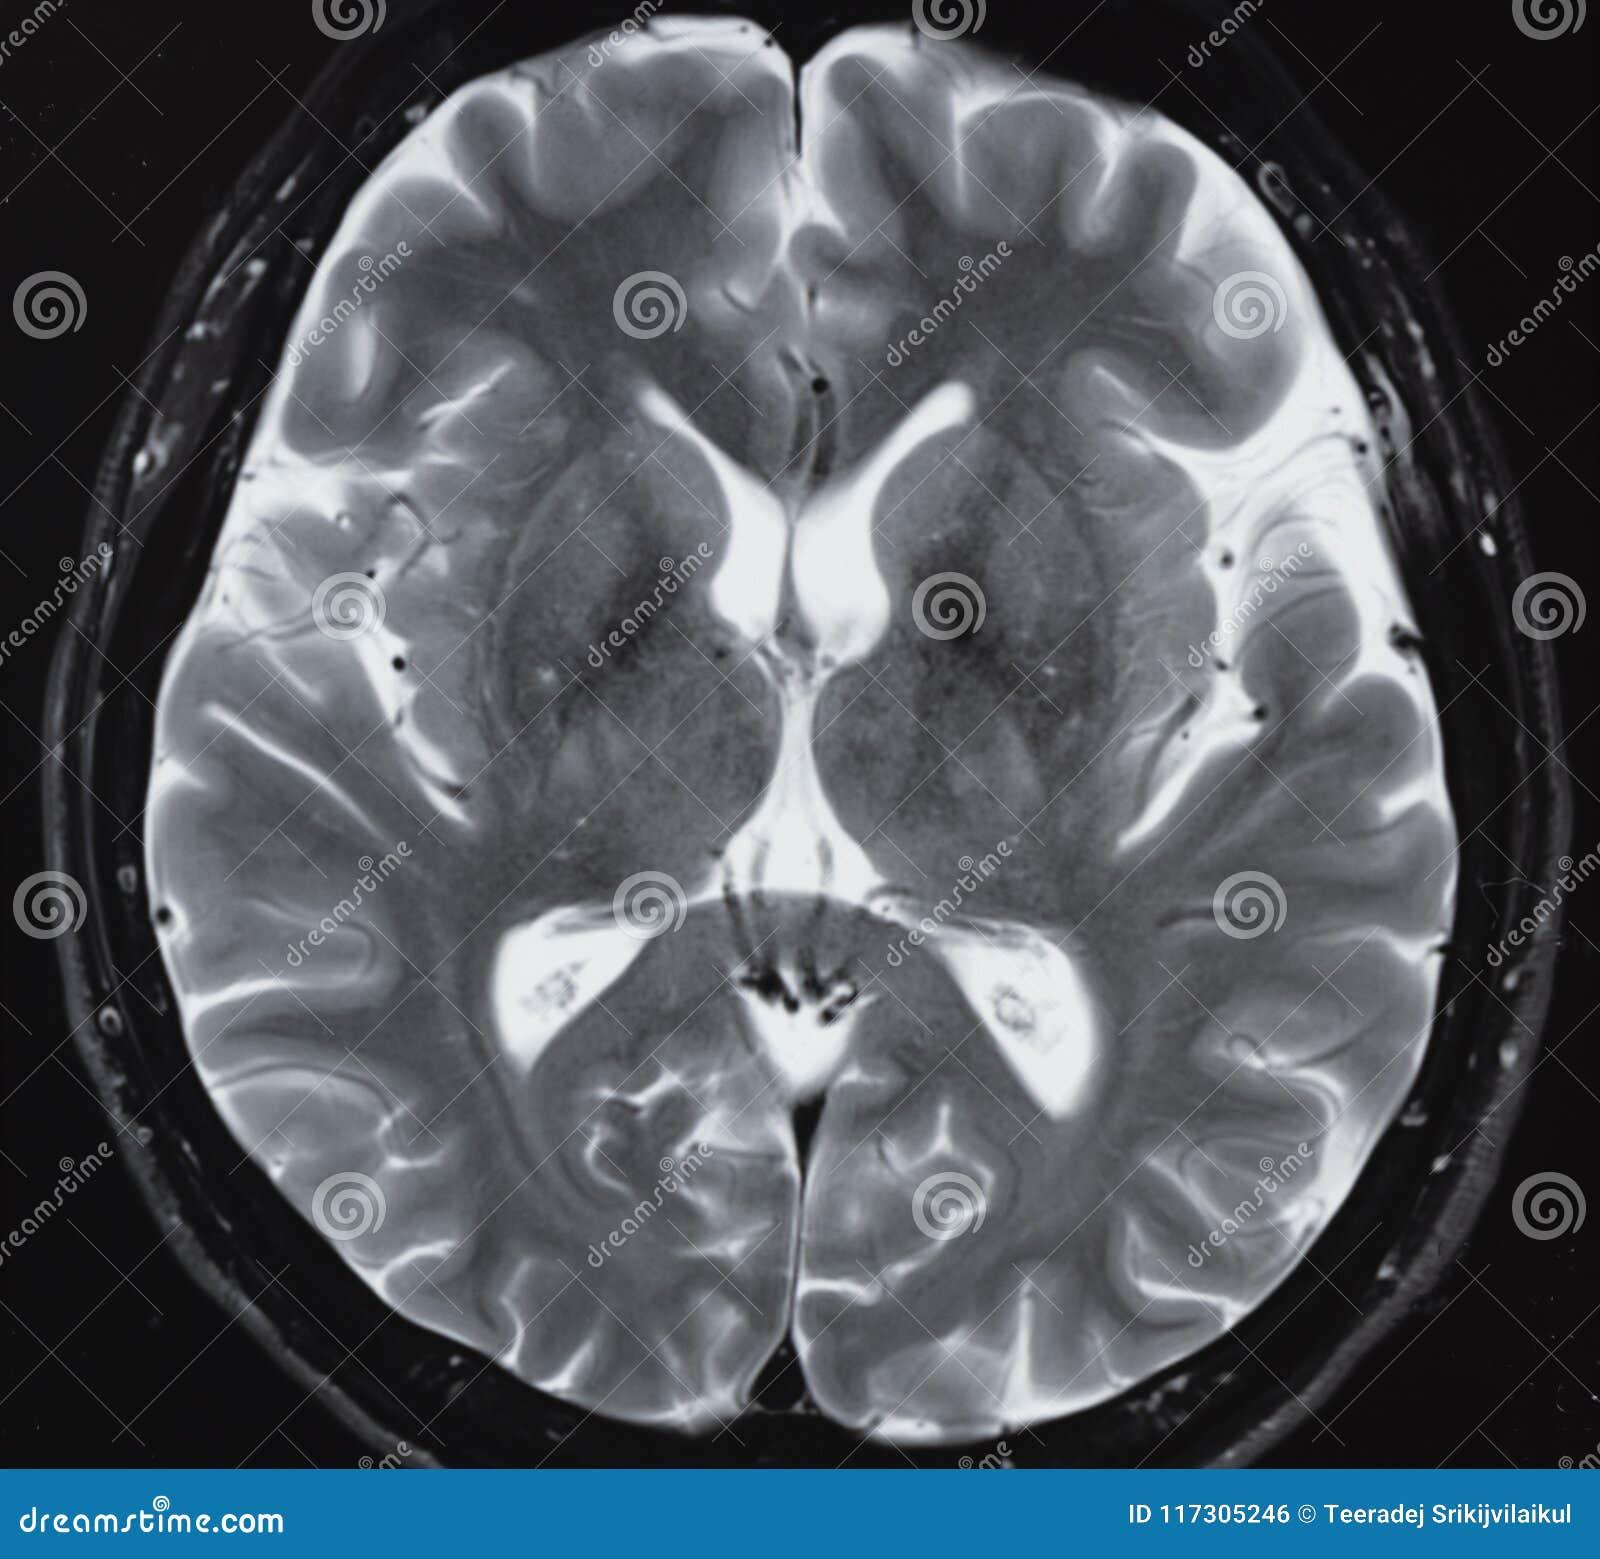 MRI Of Normal Human Brain Anatomy Stock Photo - Image of body ...